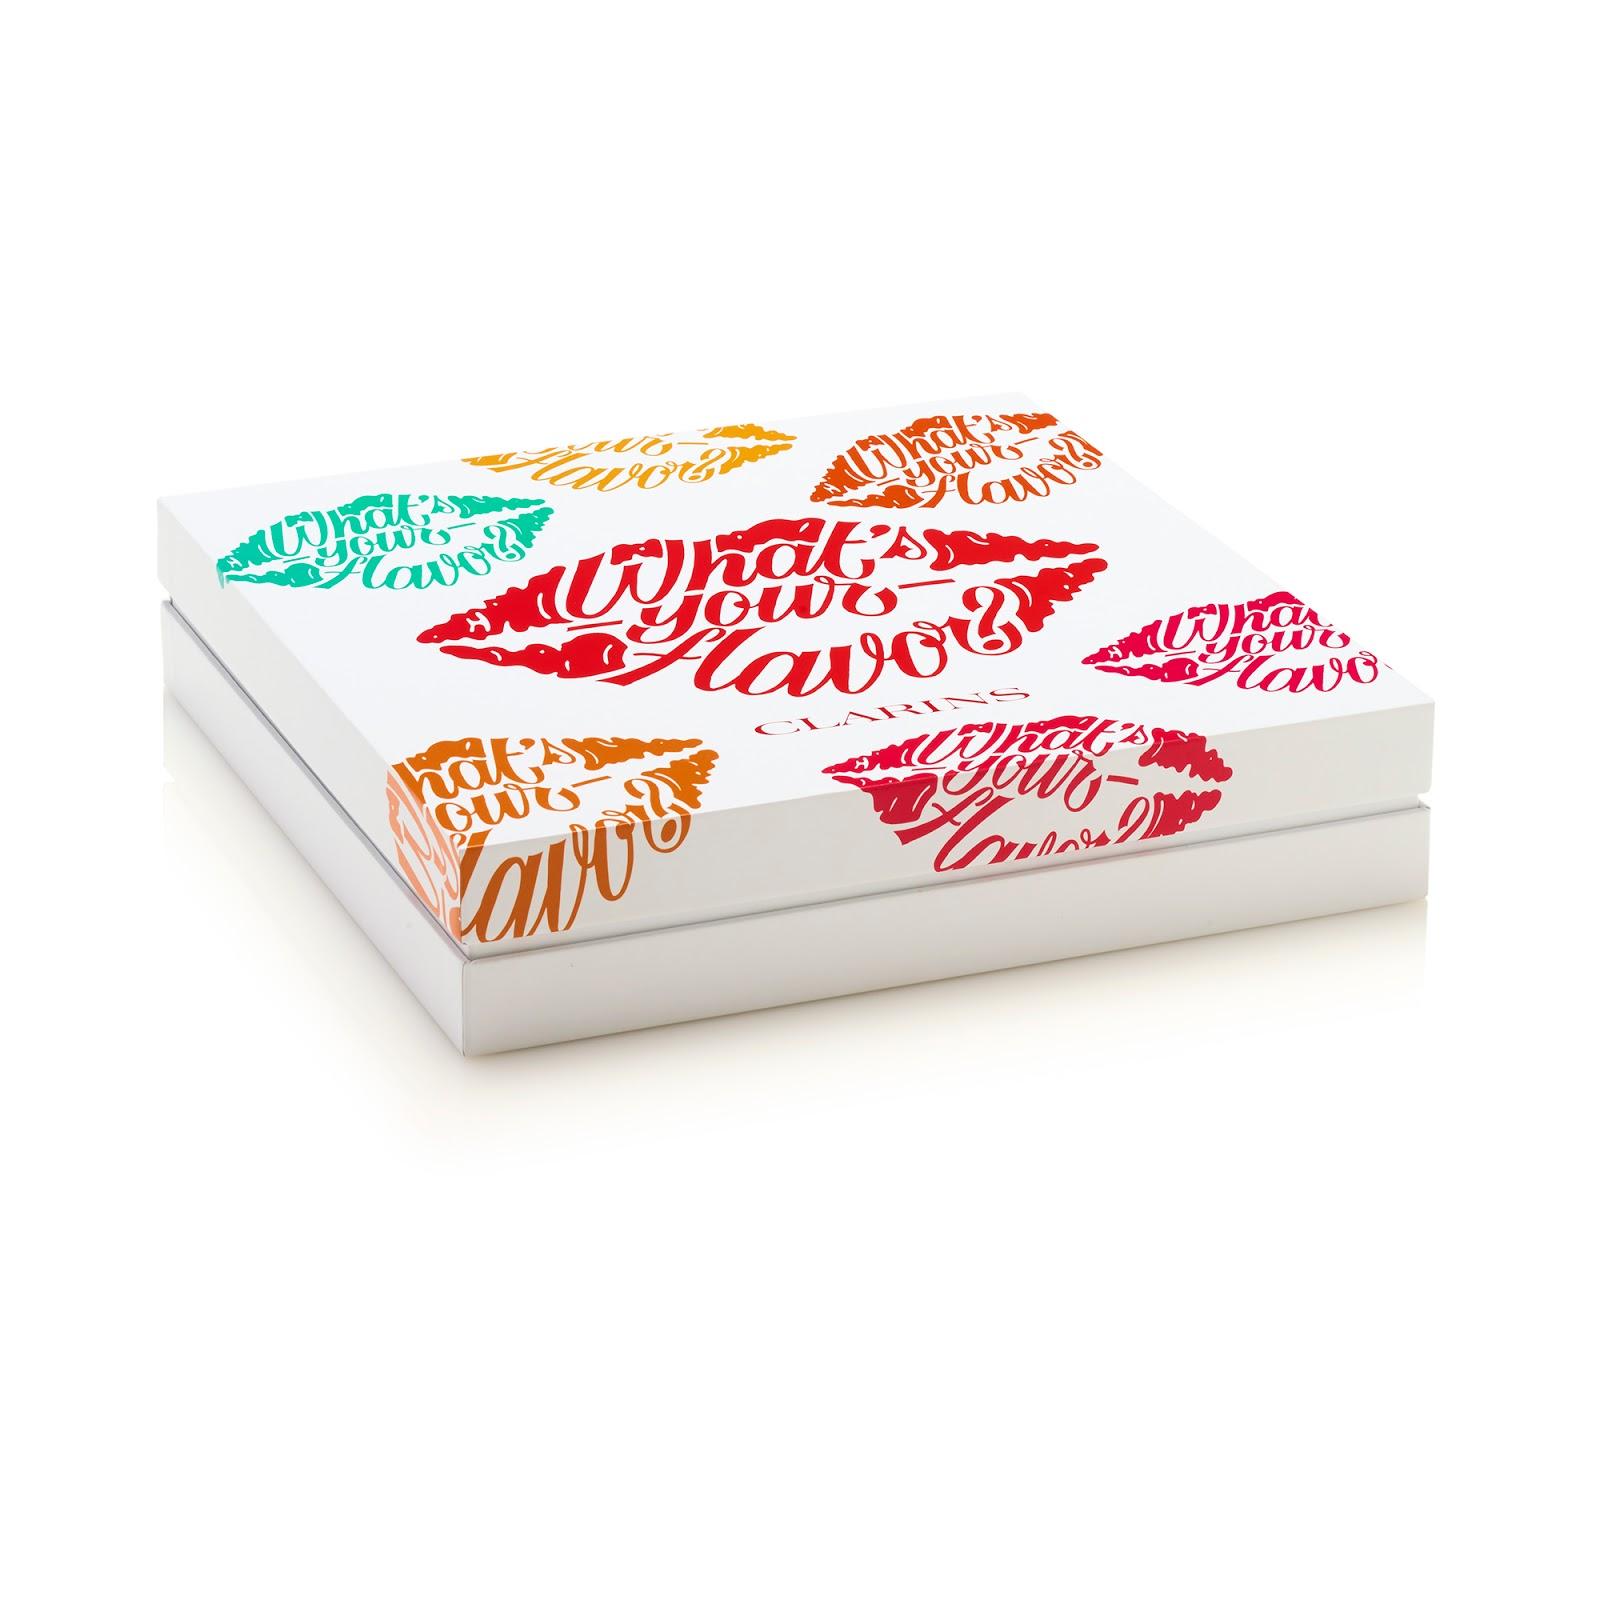 Packaging (2)